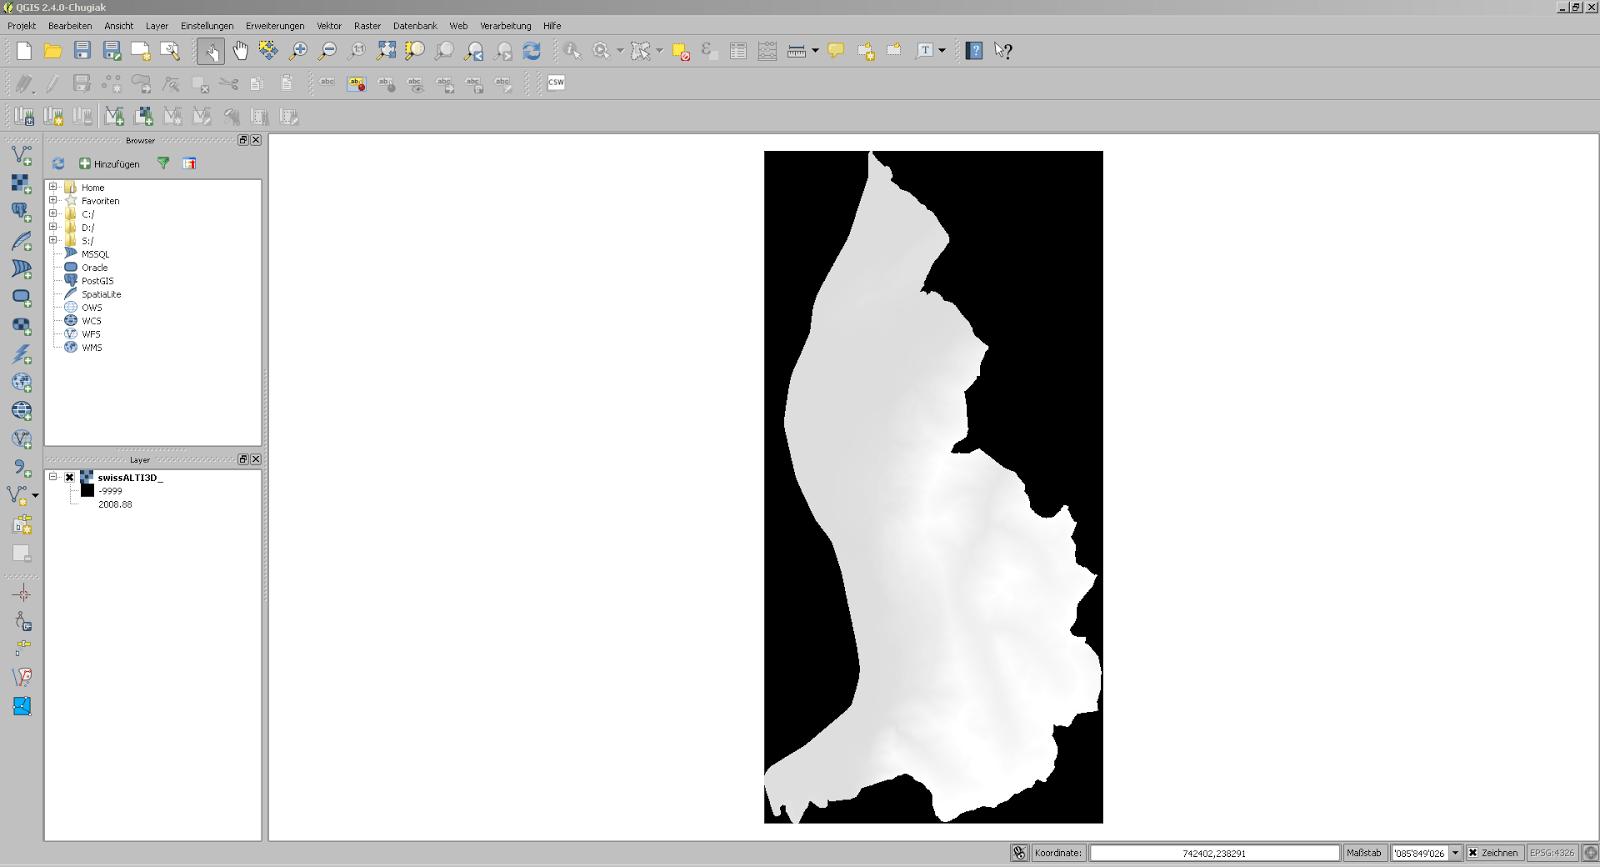 Screenshot aus QGIS mit importierten swissALTI3D Daten von Liechtenstein